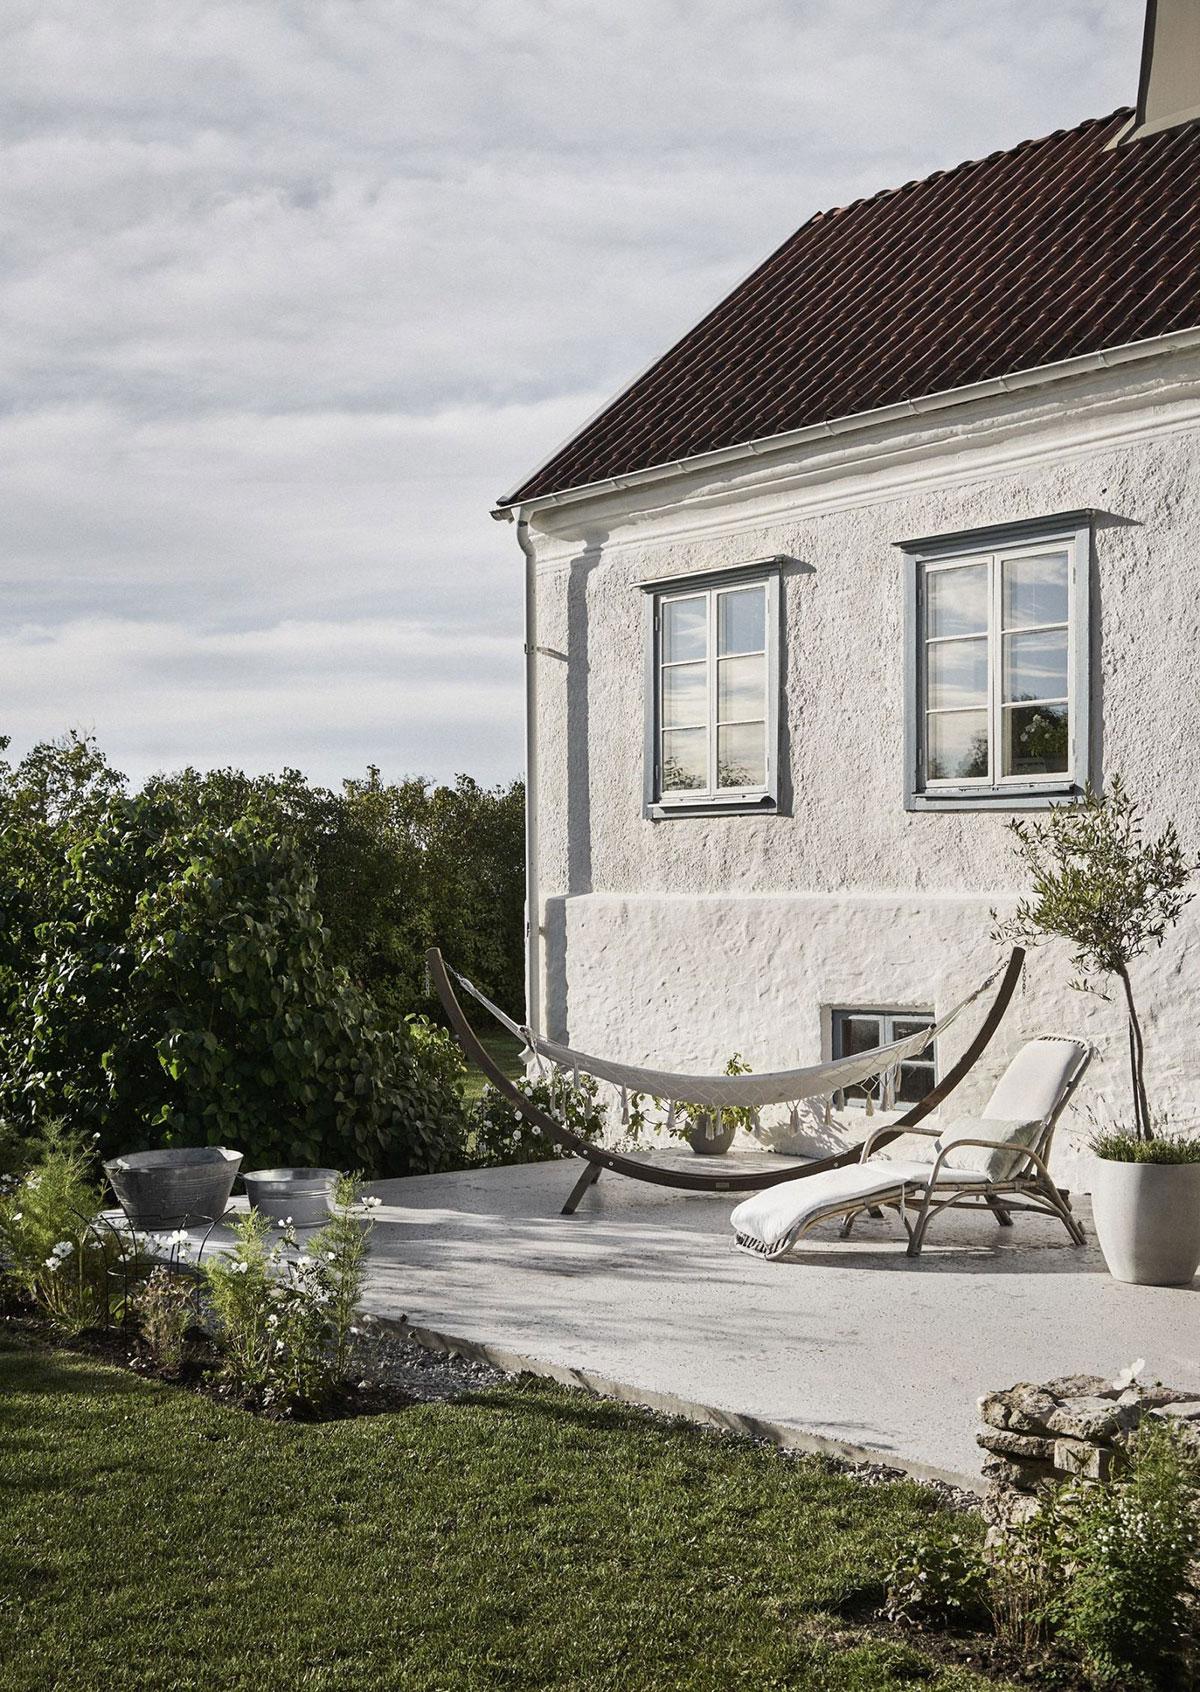 Каменная вилла с атмосферными интерьерами на острове Готланд в Швеции